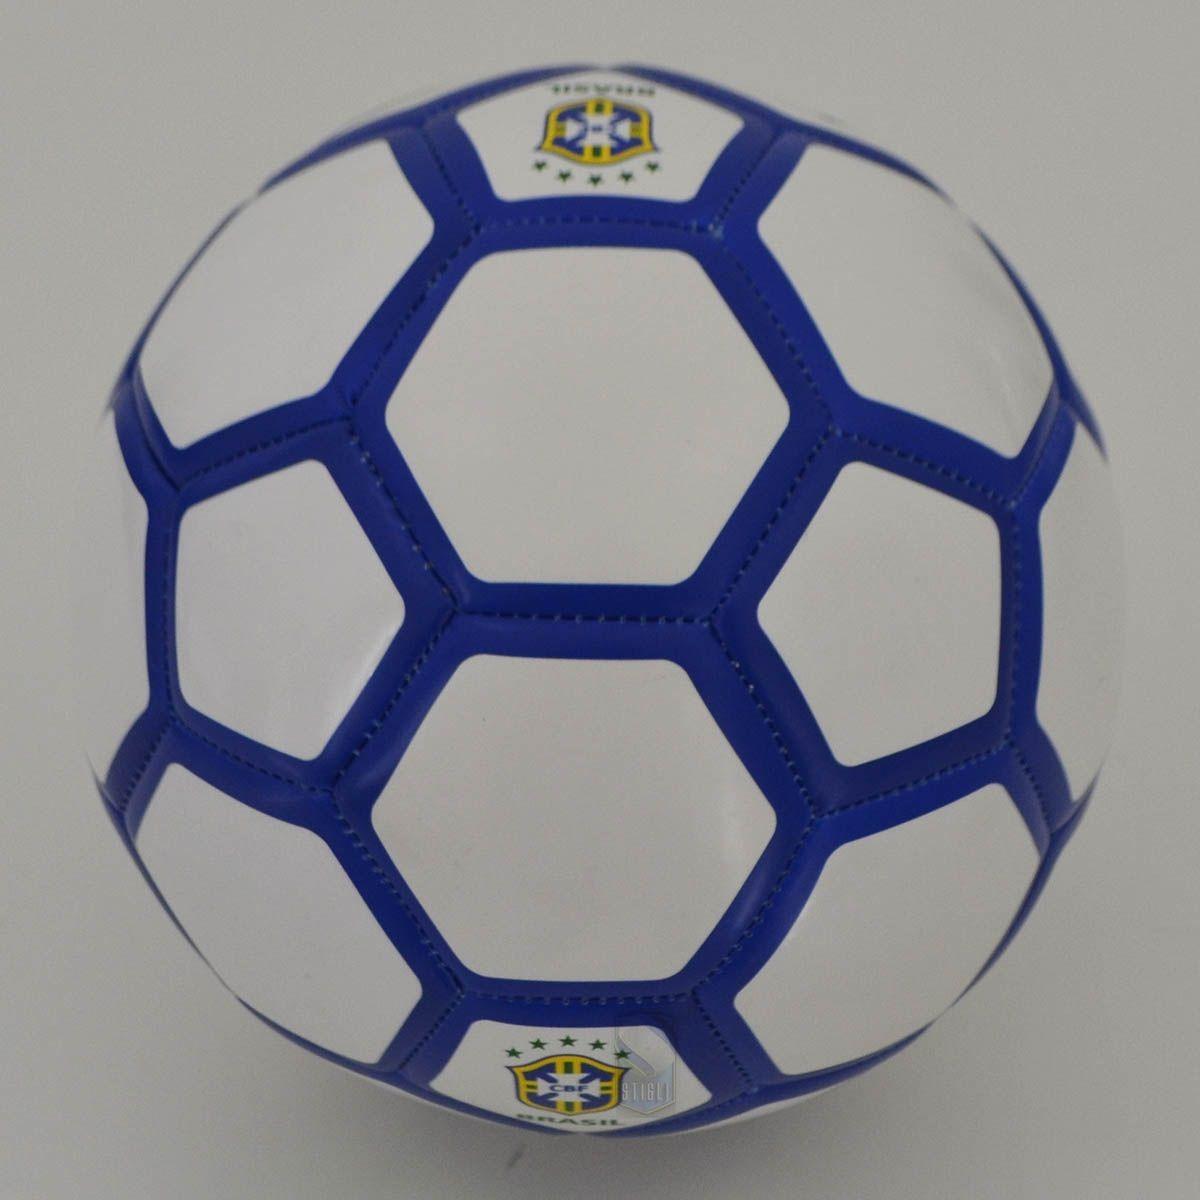 be57111d62 Bola De Futsal Nike Rolinho Menor Cbf Orig C nf Frete Grátis - R ...